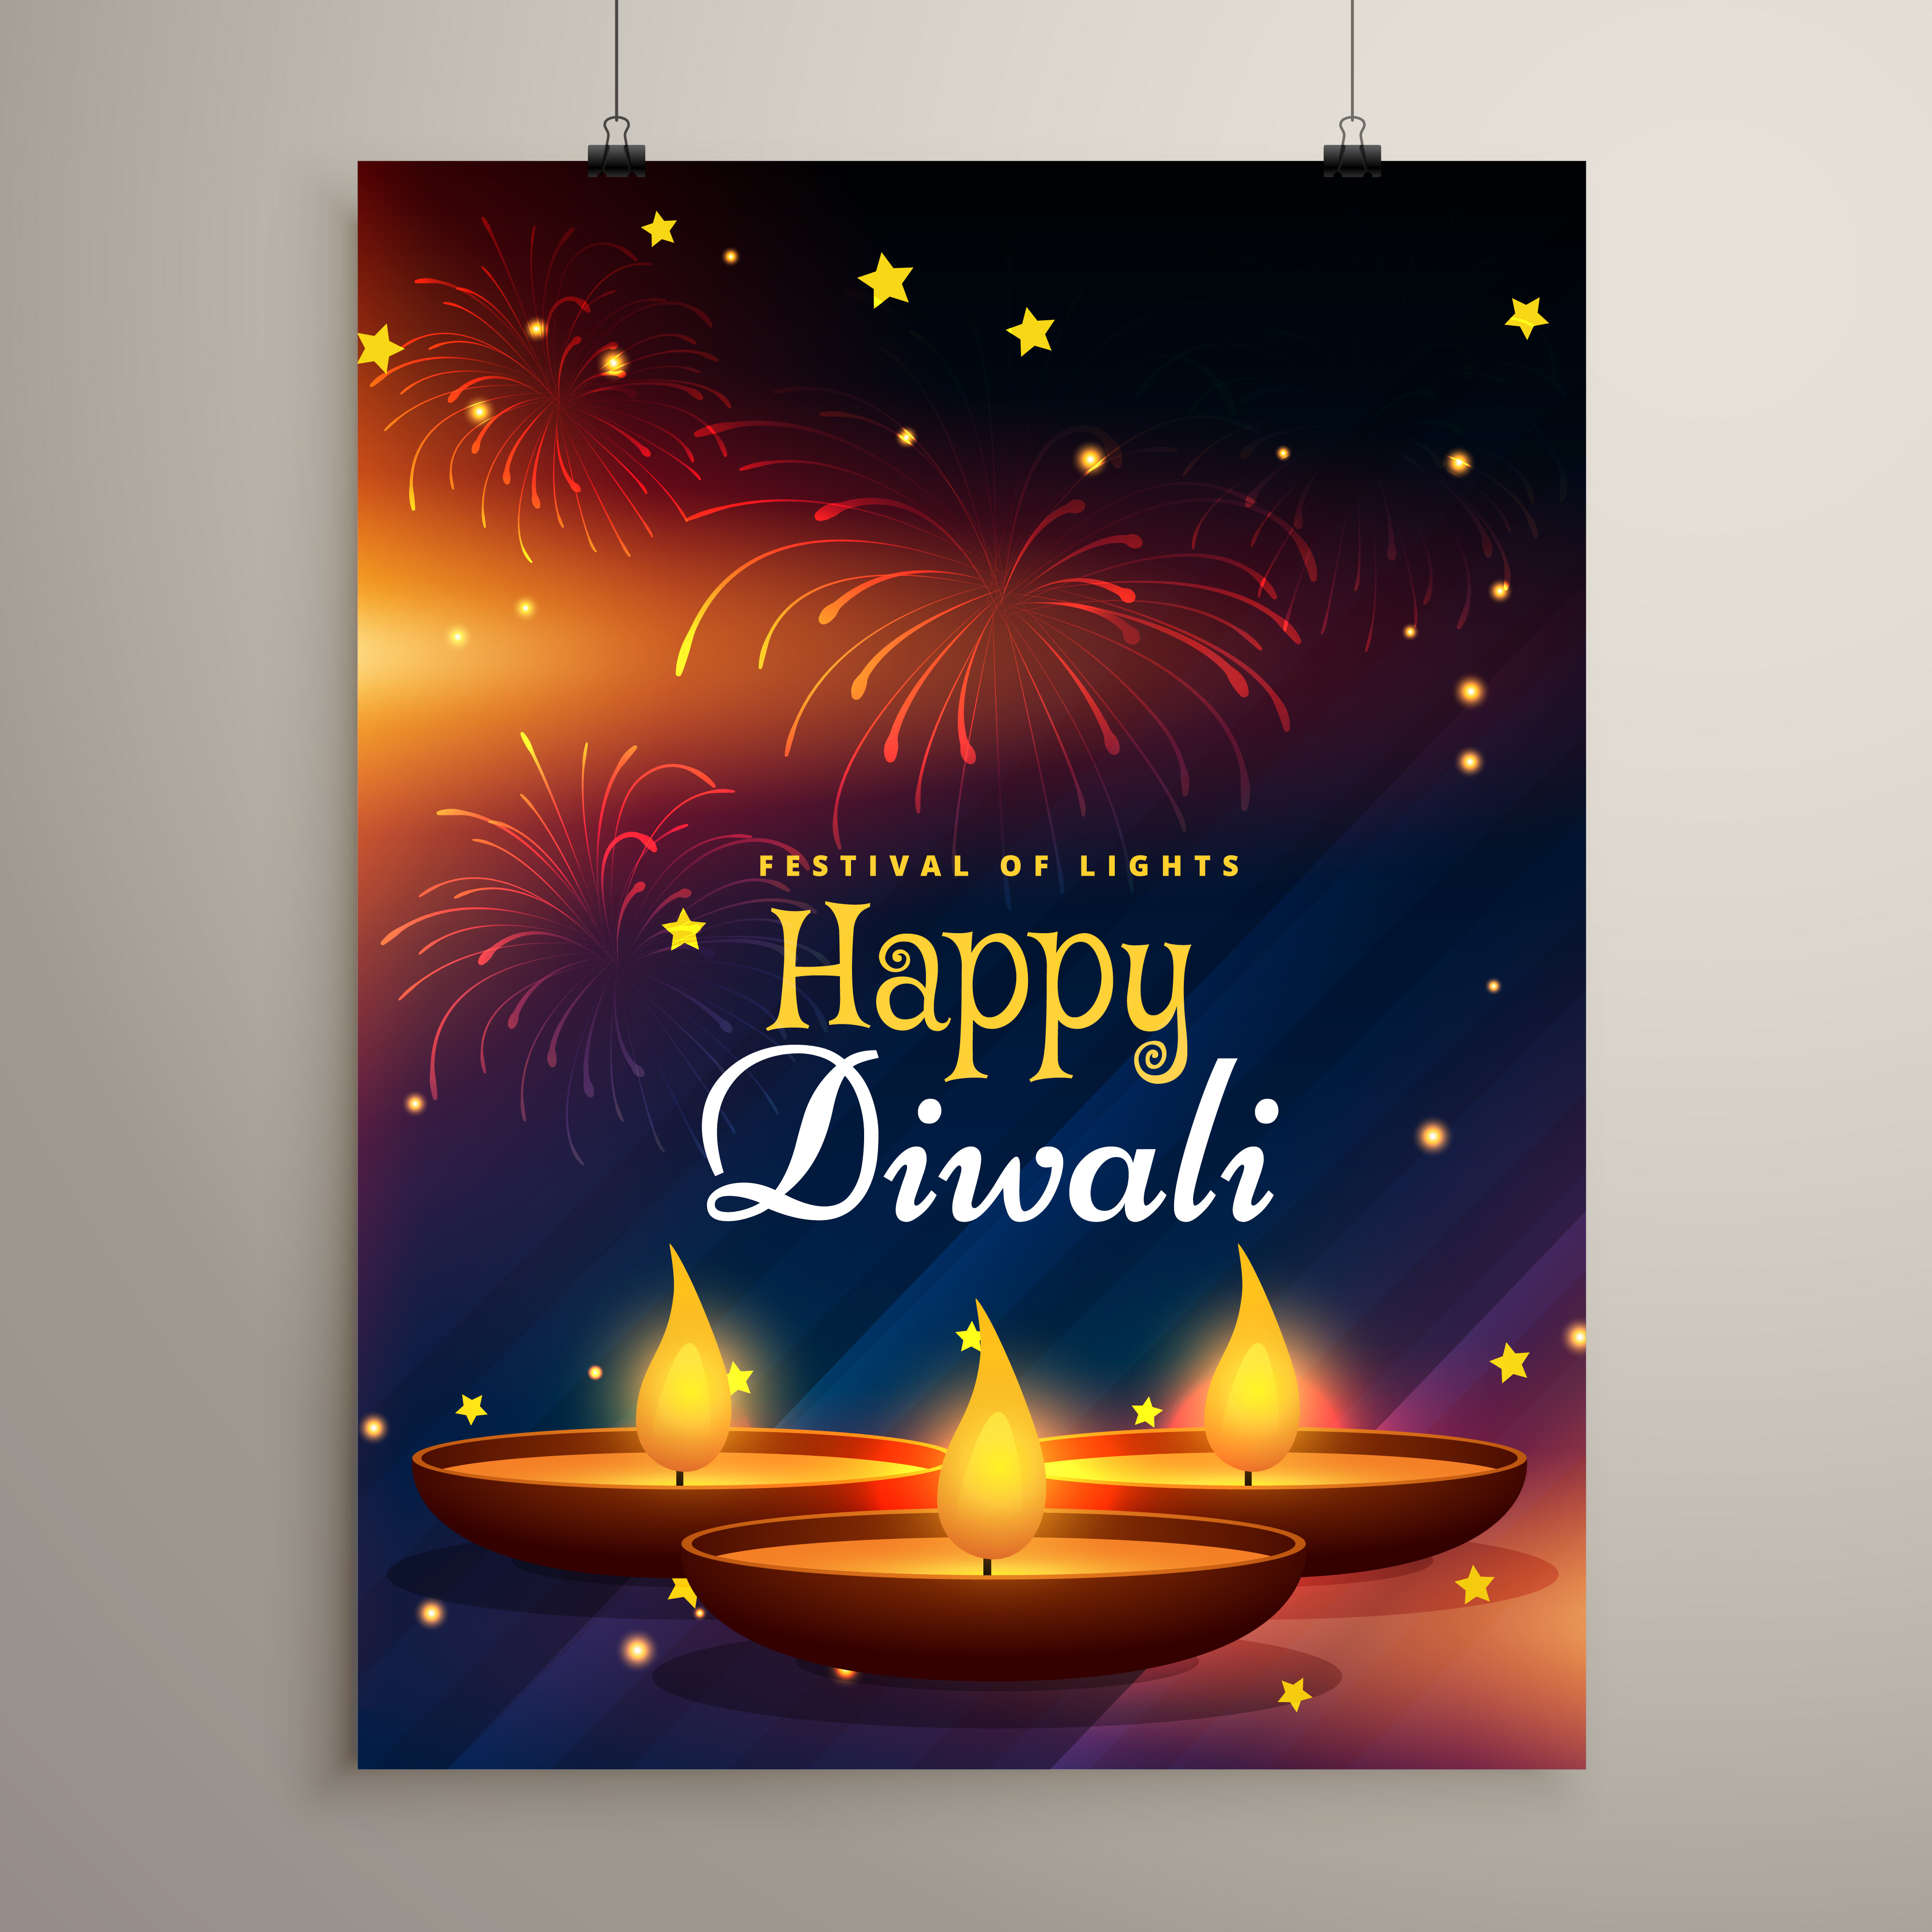 Flyer design for diwali festival diwali greeting card download flyer design for diwali festival diwali greeting card download free vector art stock graphics images m4hsunfo